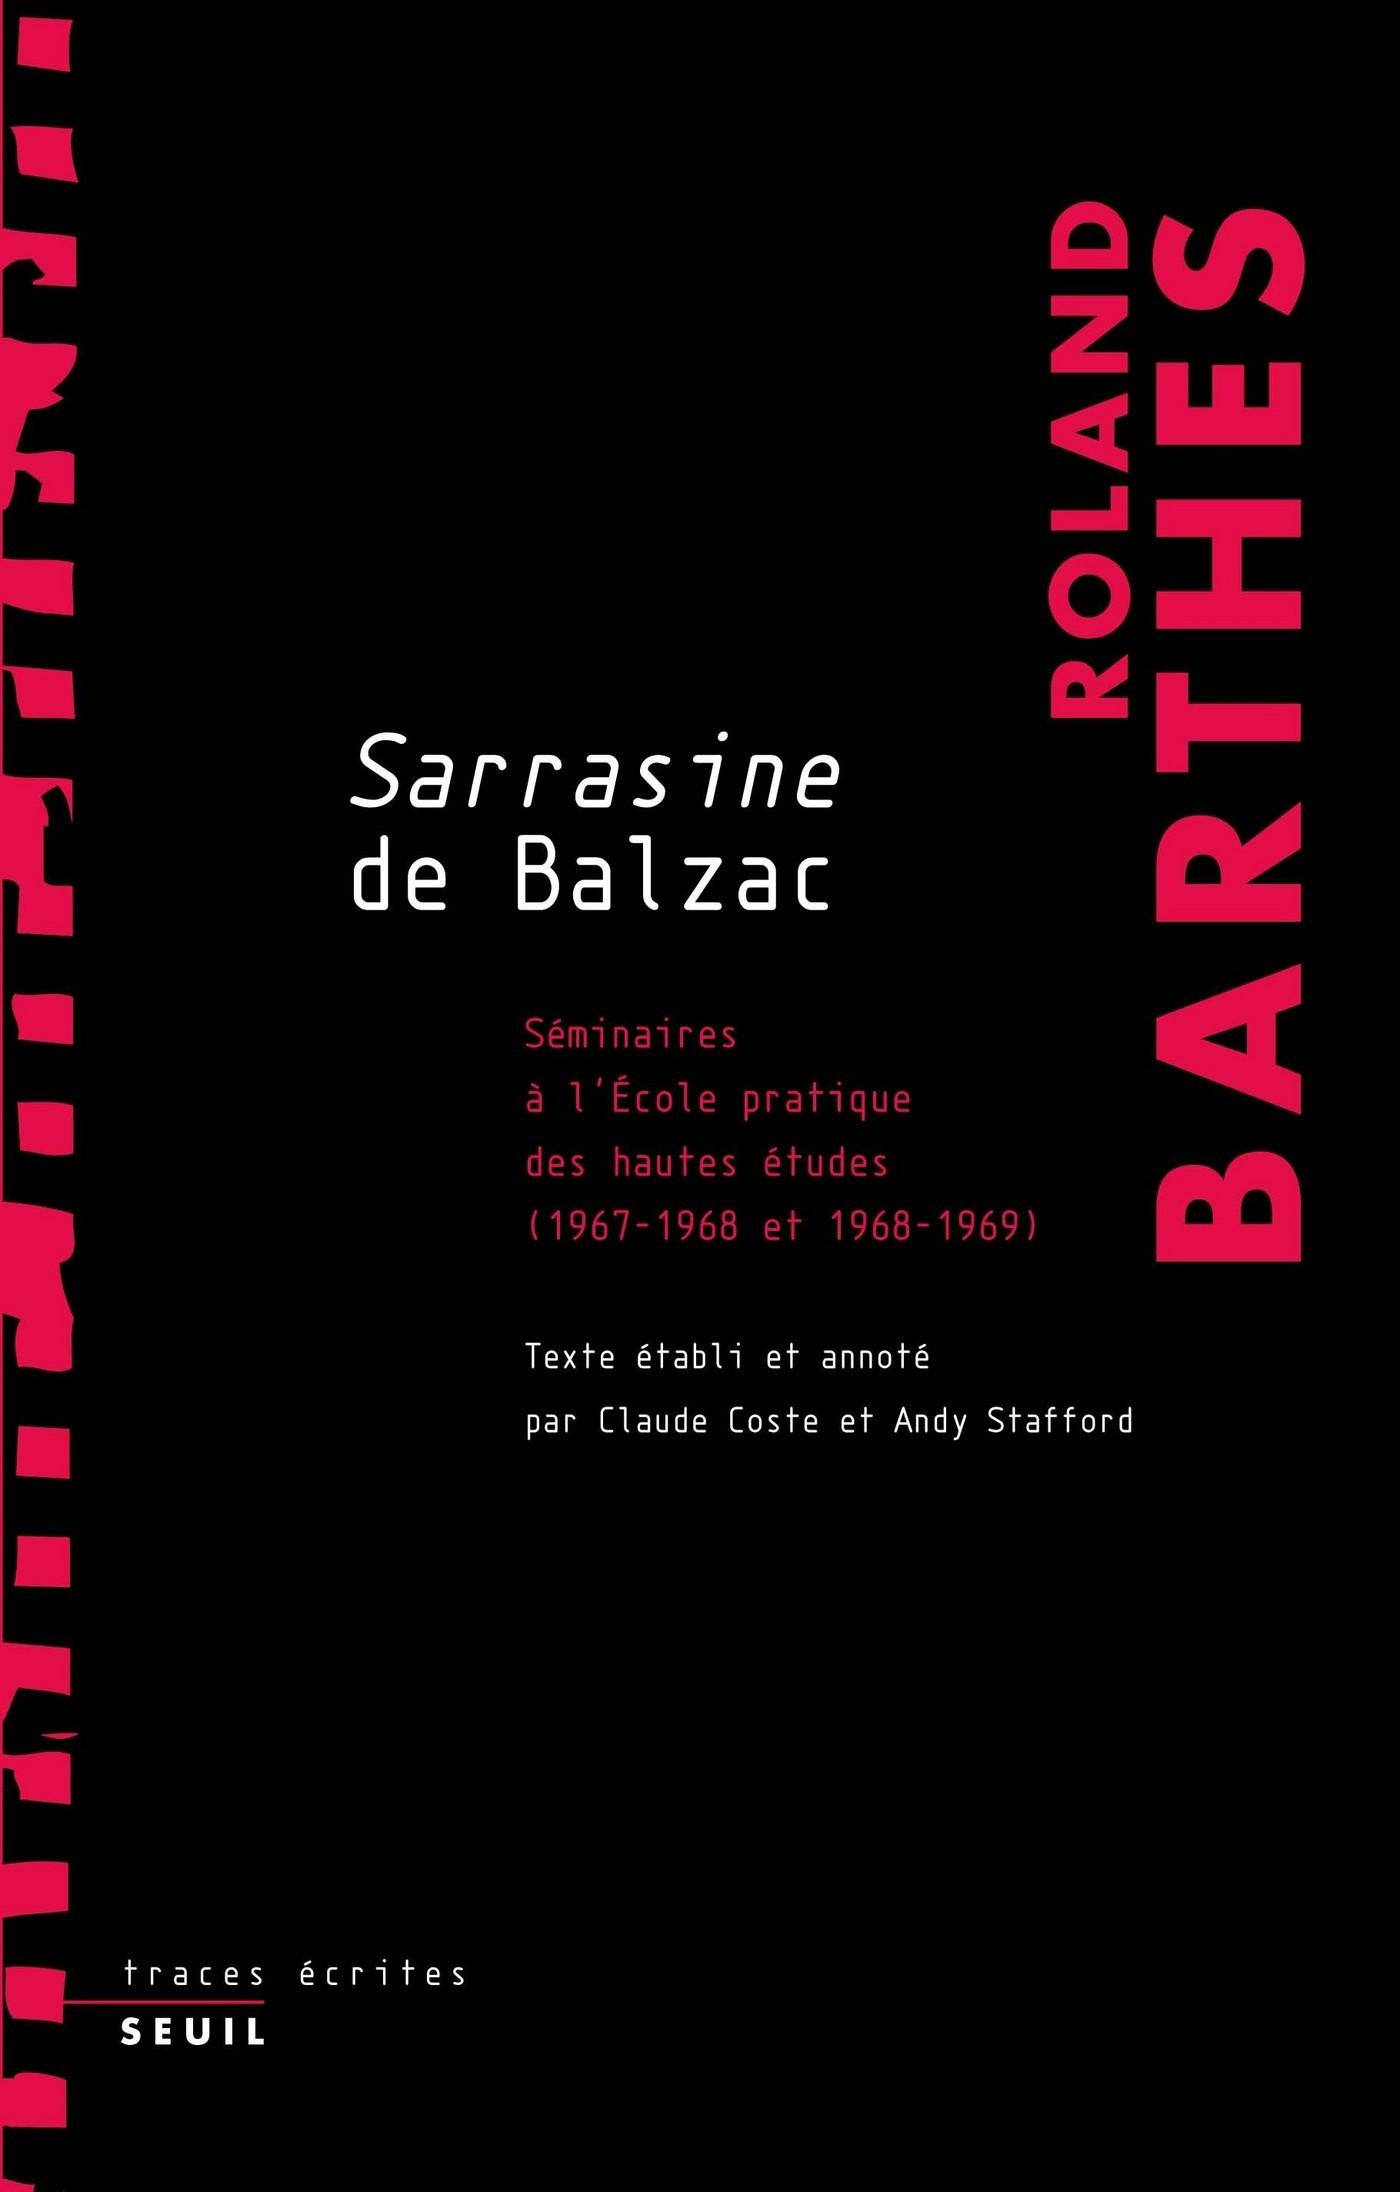 Sarrasine de Balzac. Séminaires à l'École pratique des hautes études (1967-1968 et 1968-1969)